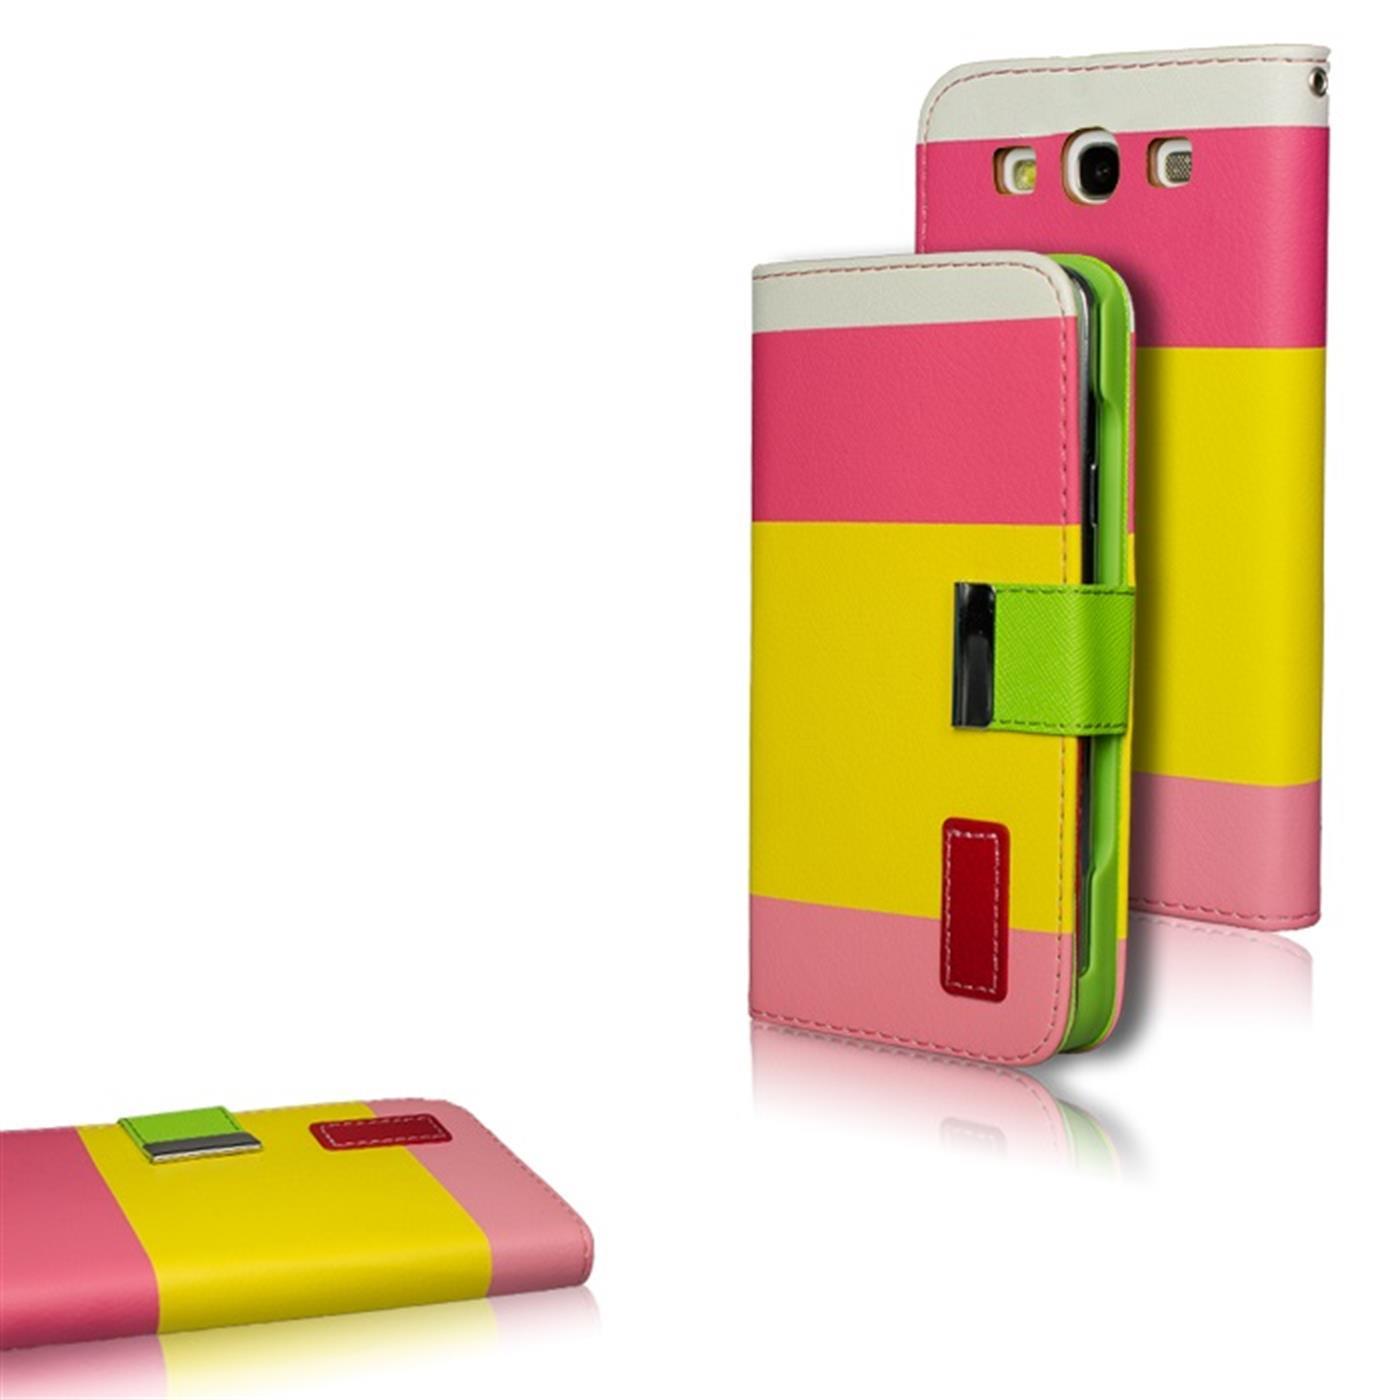 Samsung-Galaxy-S3-Neo-Huelle-Klapphuelle-Tasche-3-Farben-Premium-Case-Cover-Pink